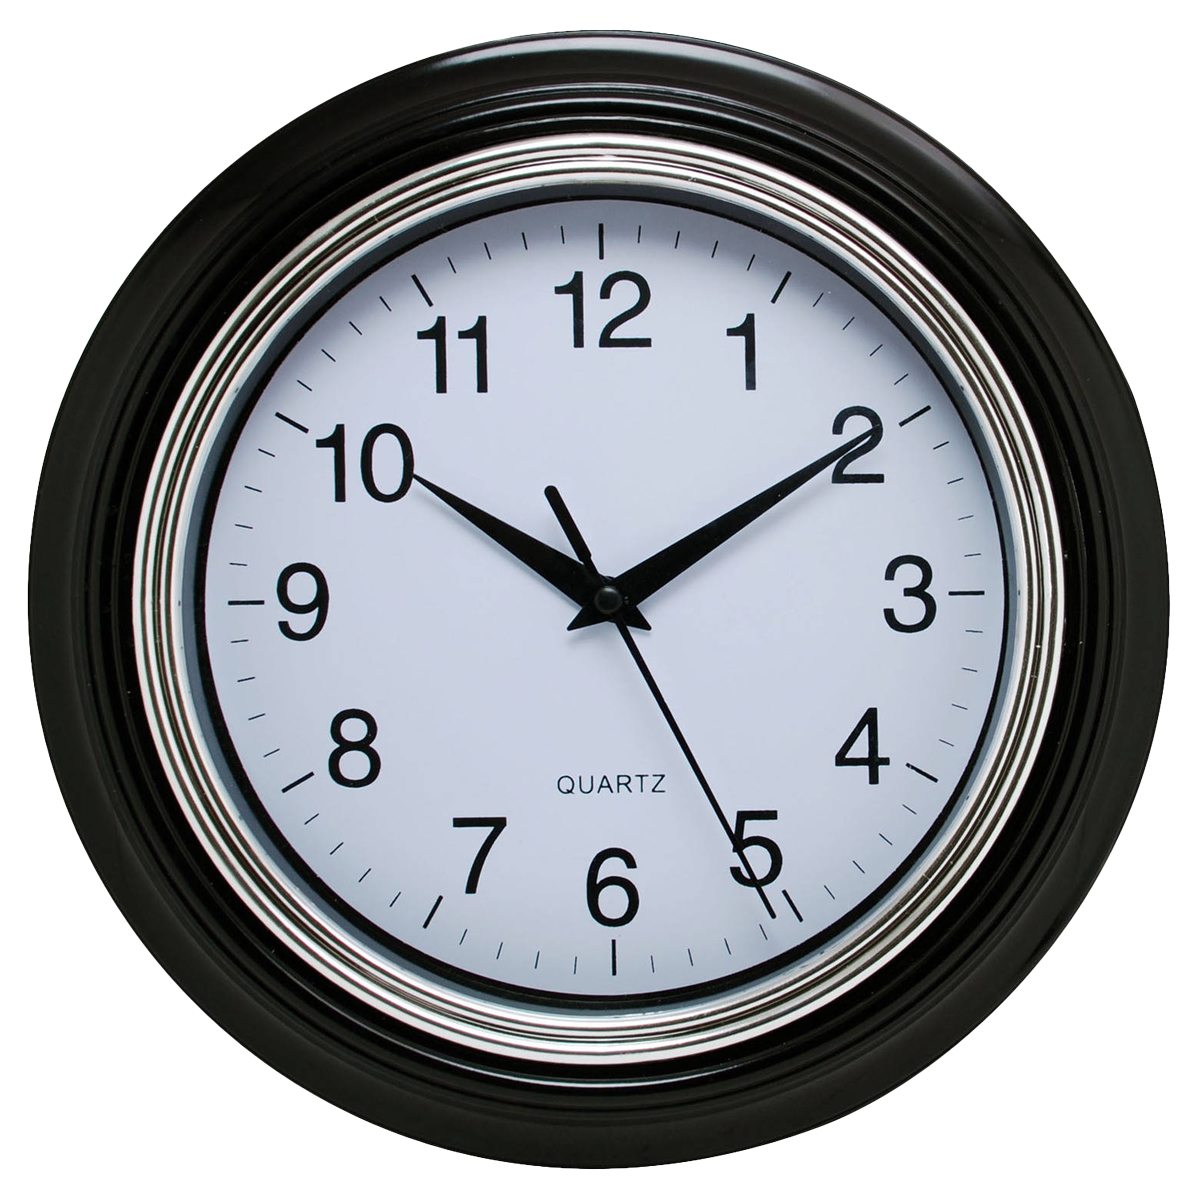 Black Wall Clock PNG Image.